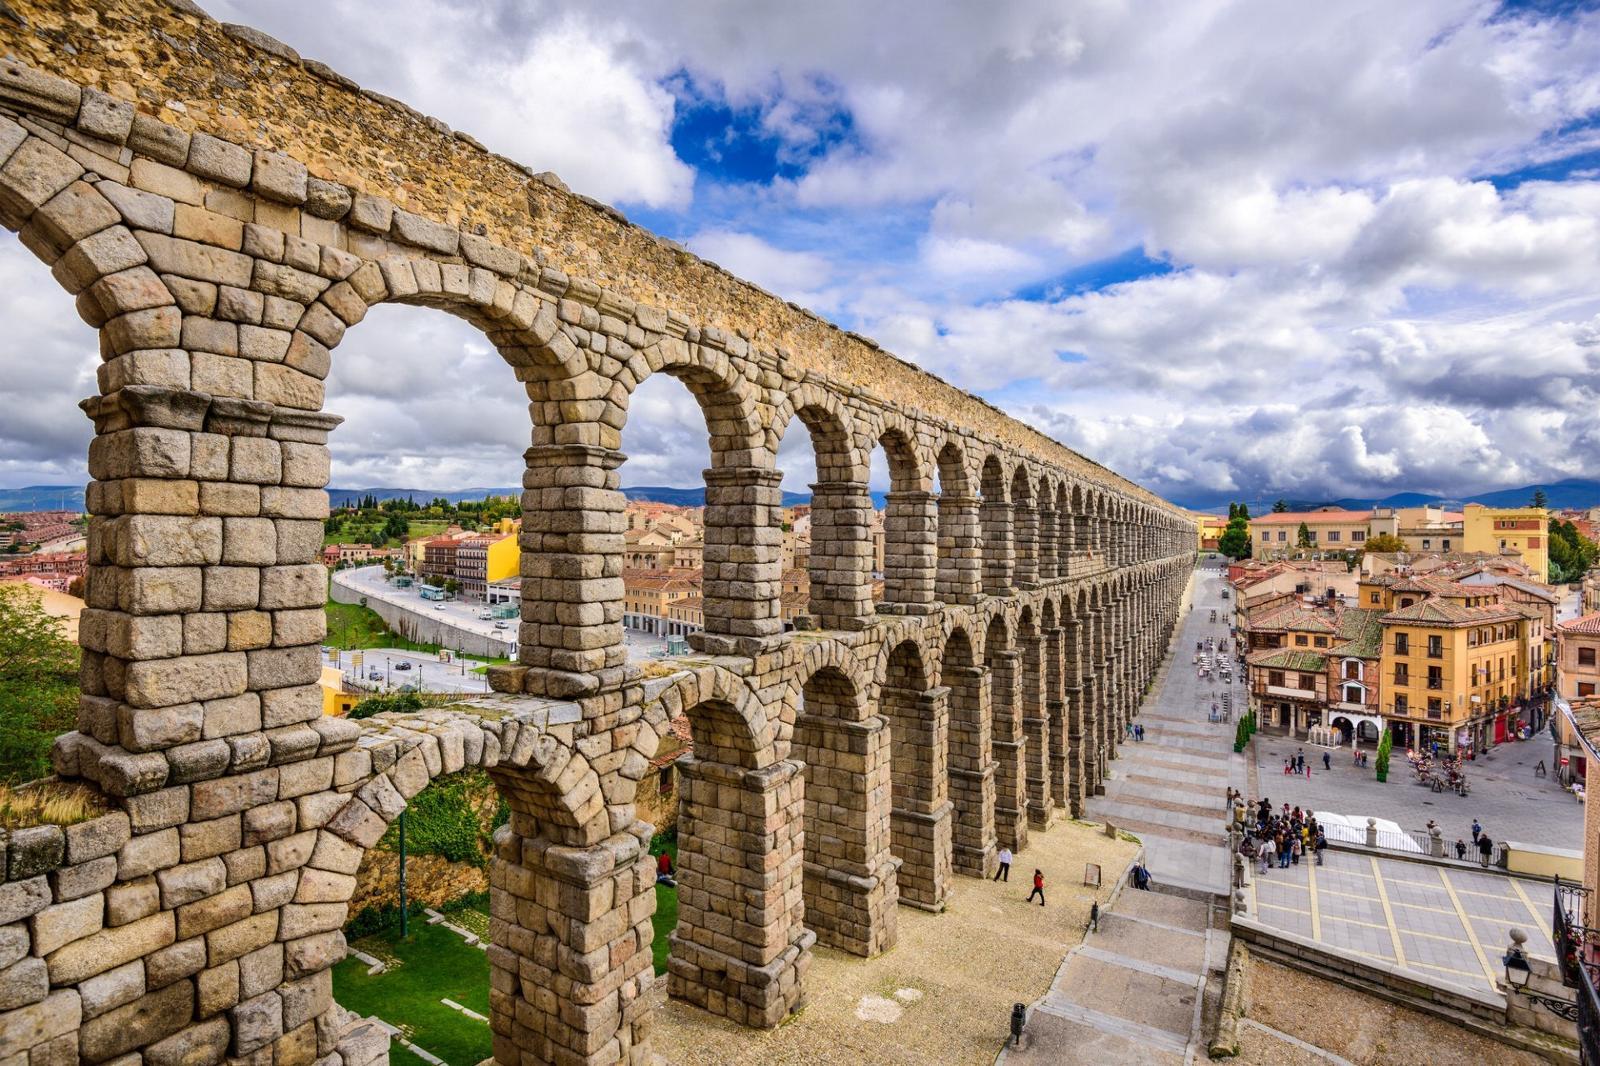 همه چیز درباره اسپانیا و تفریحان آن